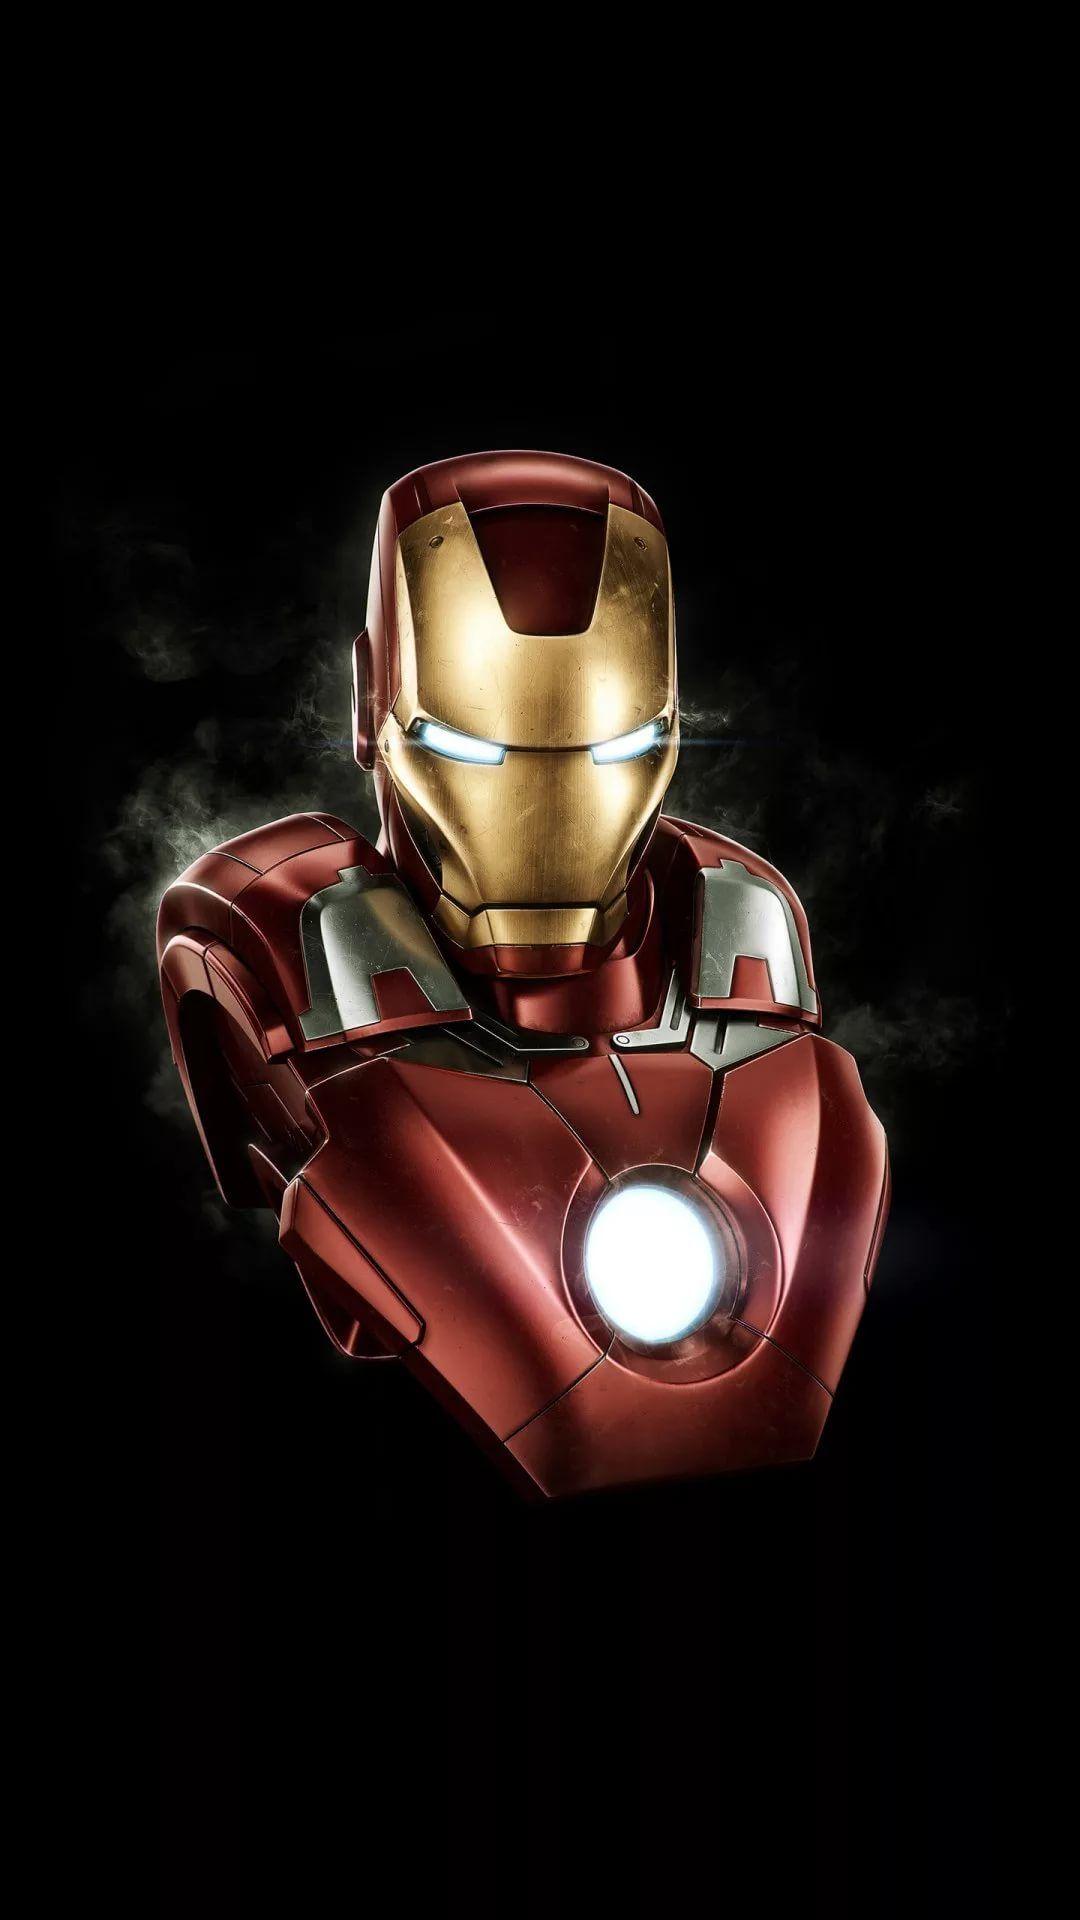 Iron Man D Galaxy note 9 wallpaper